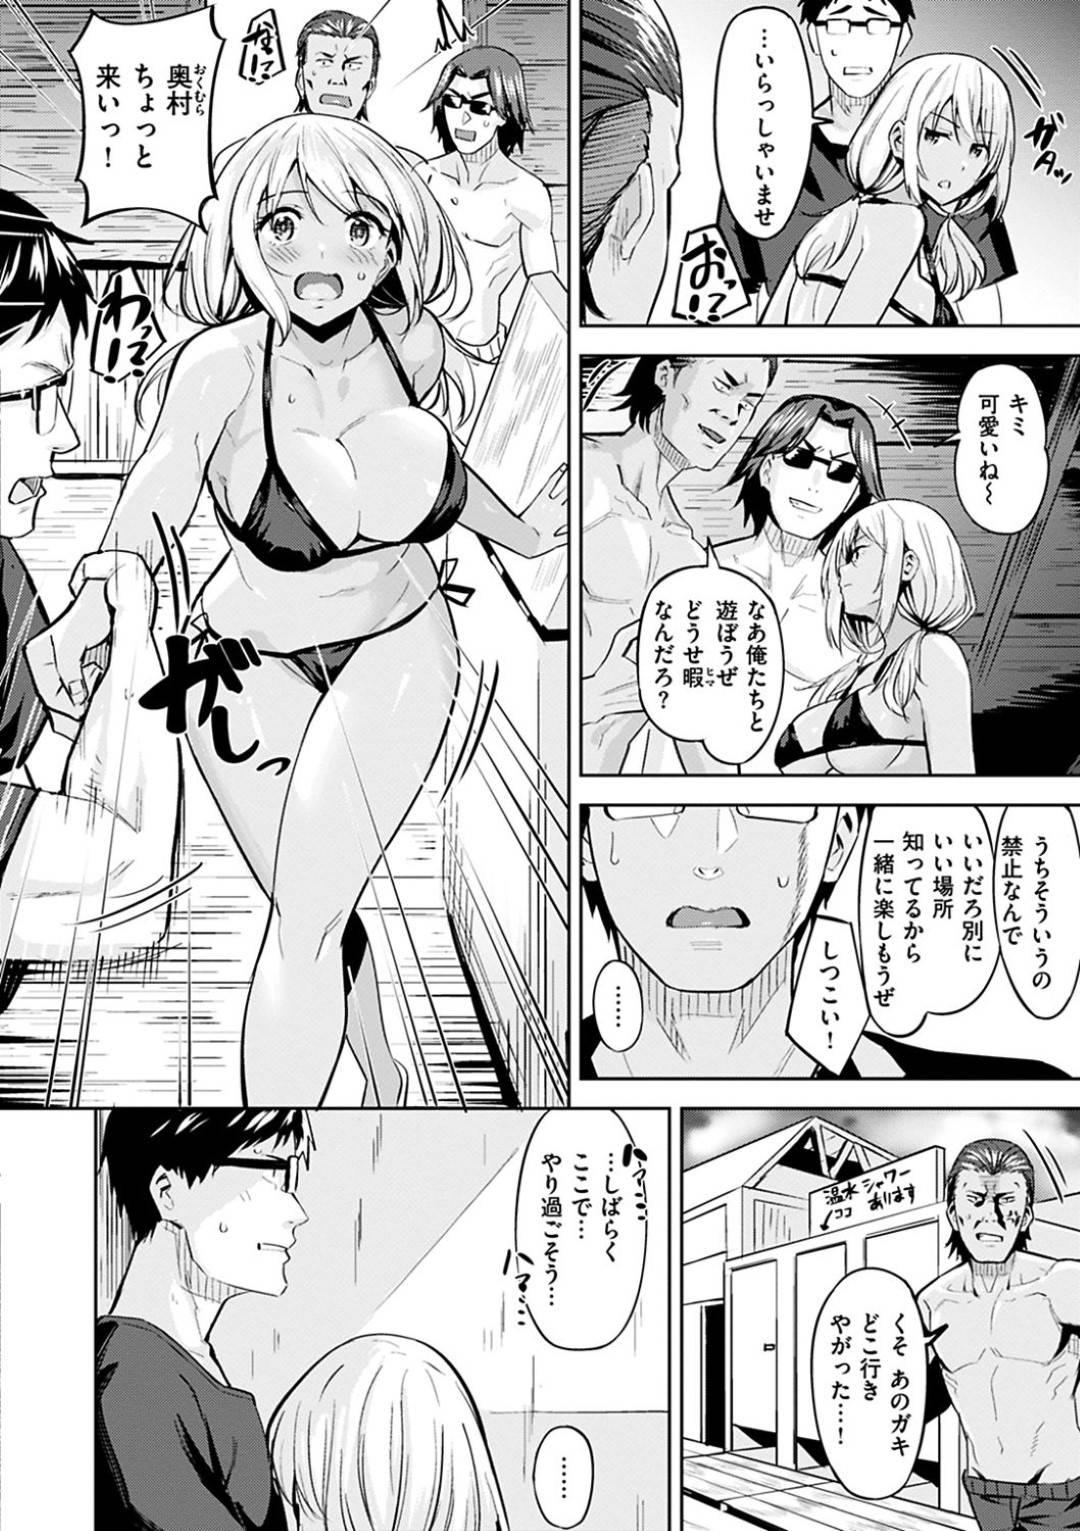 【エロ漫画】海の家で働く黒ギャルお姉さんは、同僚の地味男子と生ハメセックスしてイッてしまう